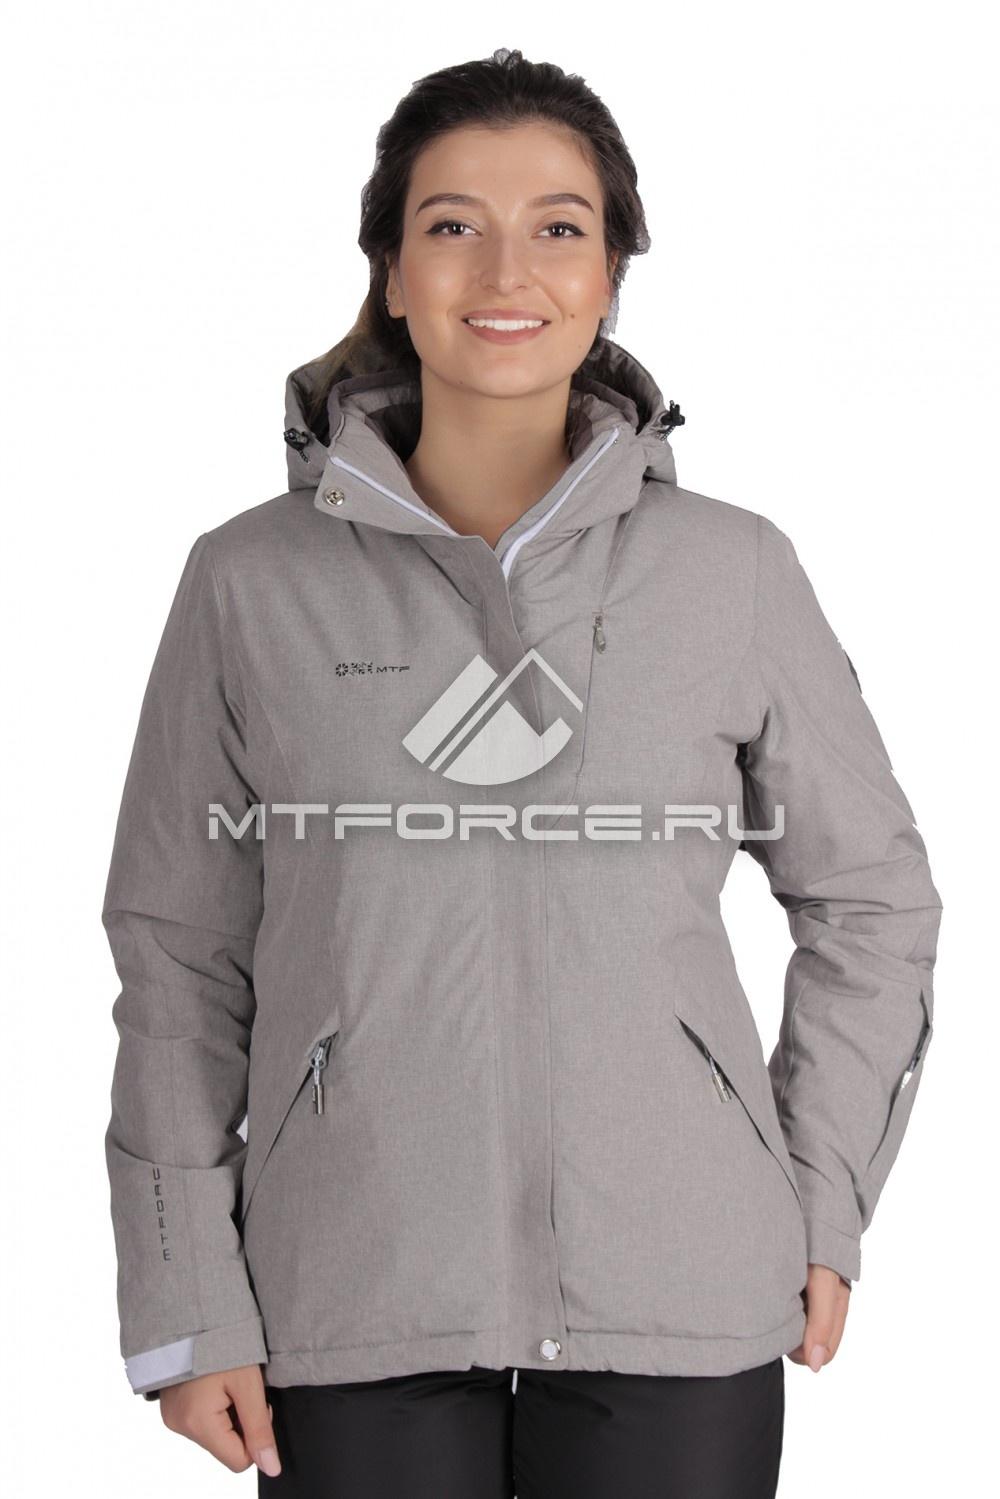 Купить                                  оптом Куртка горнолыжная женская серого цвета 1631-1Sr в Санкт-Петербурге